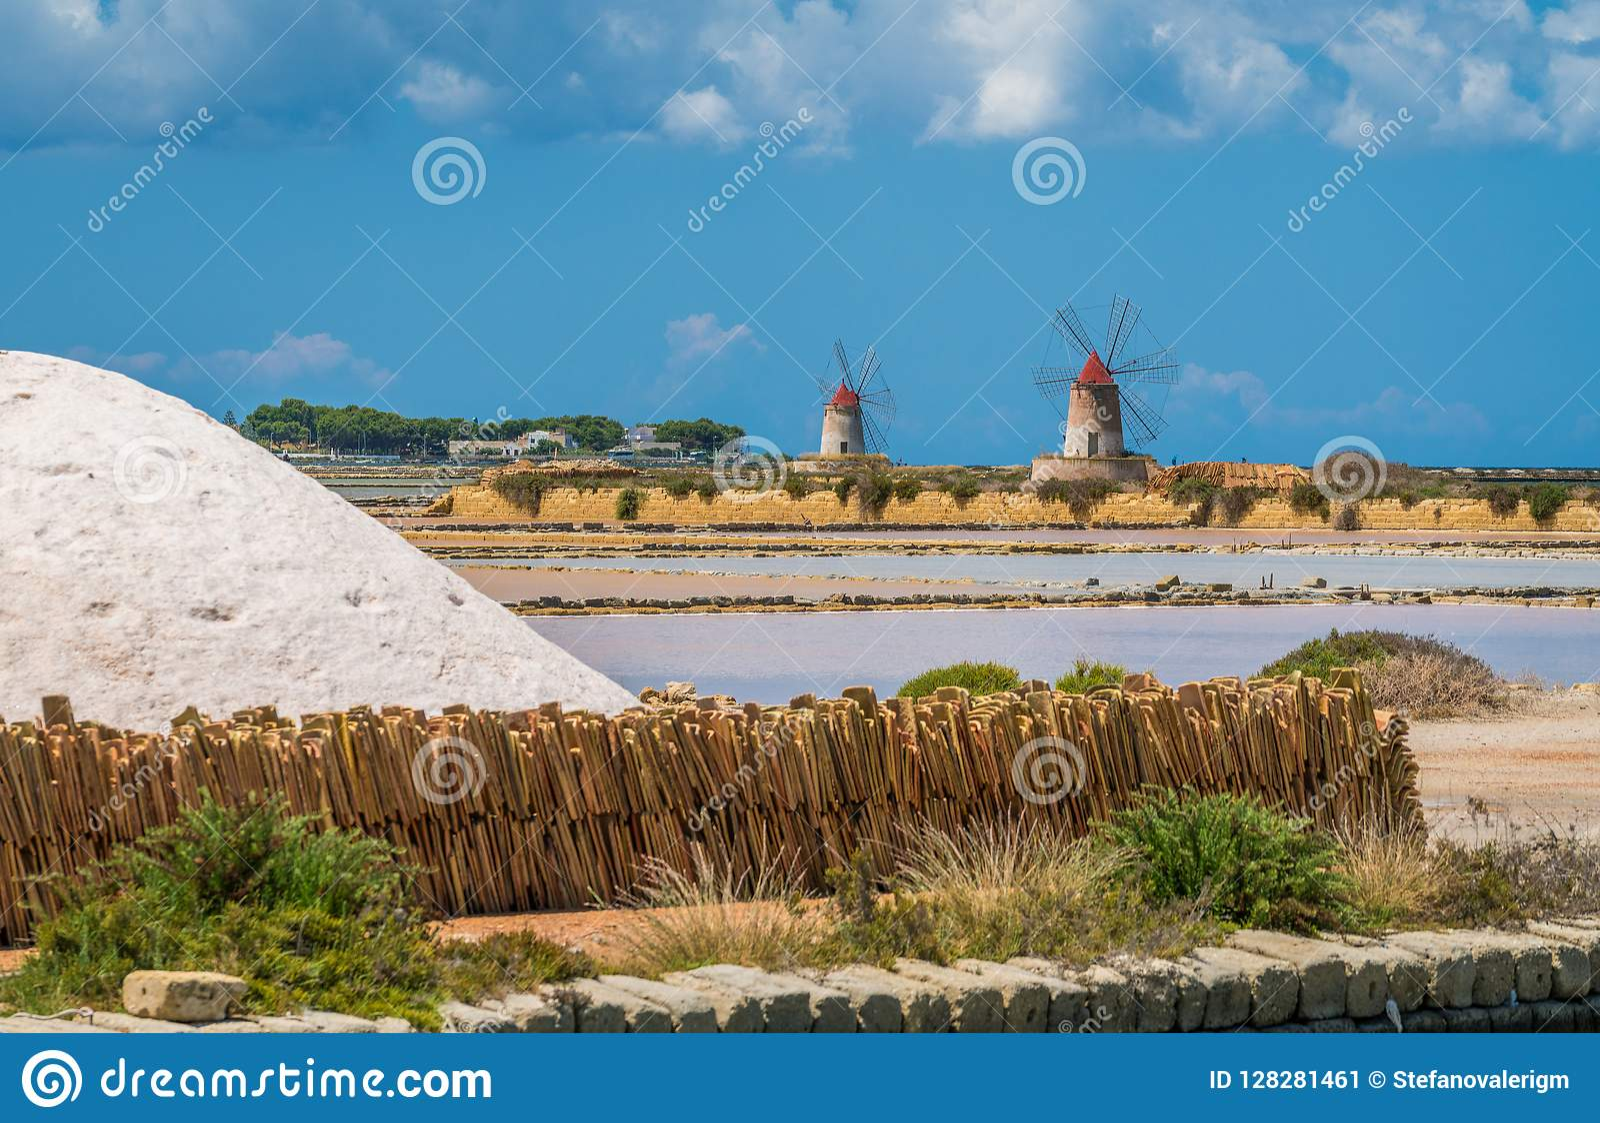 Windmills at the natural reserve of the `Saline dello Stagnone` near Marsala and Trapani, Sicily.